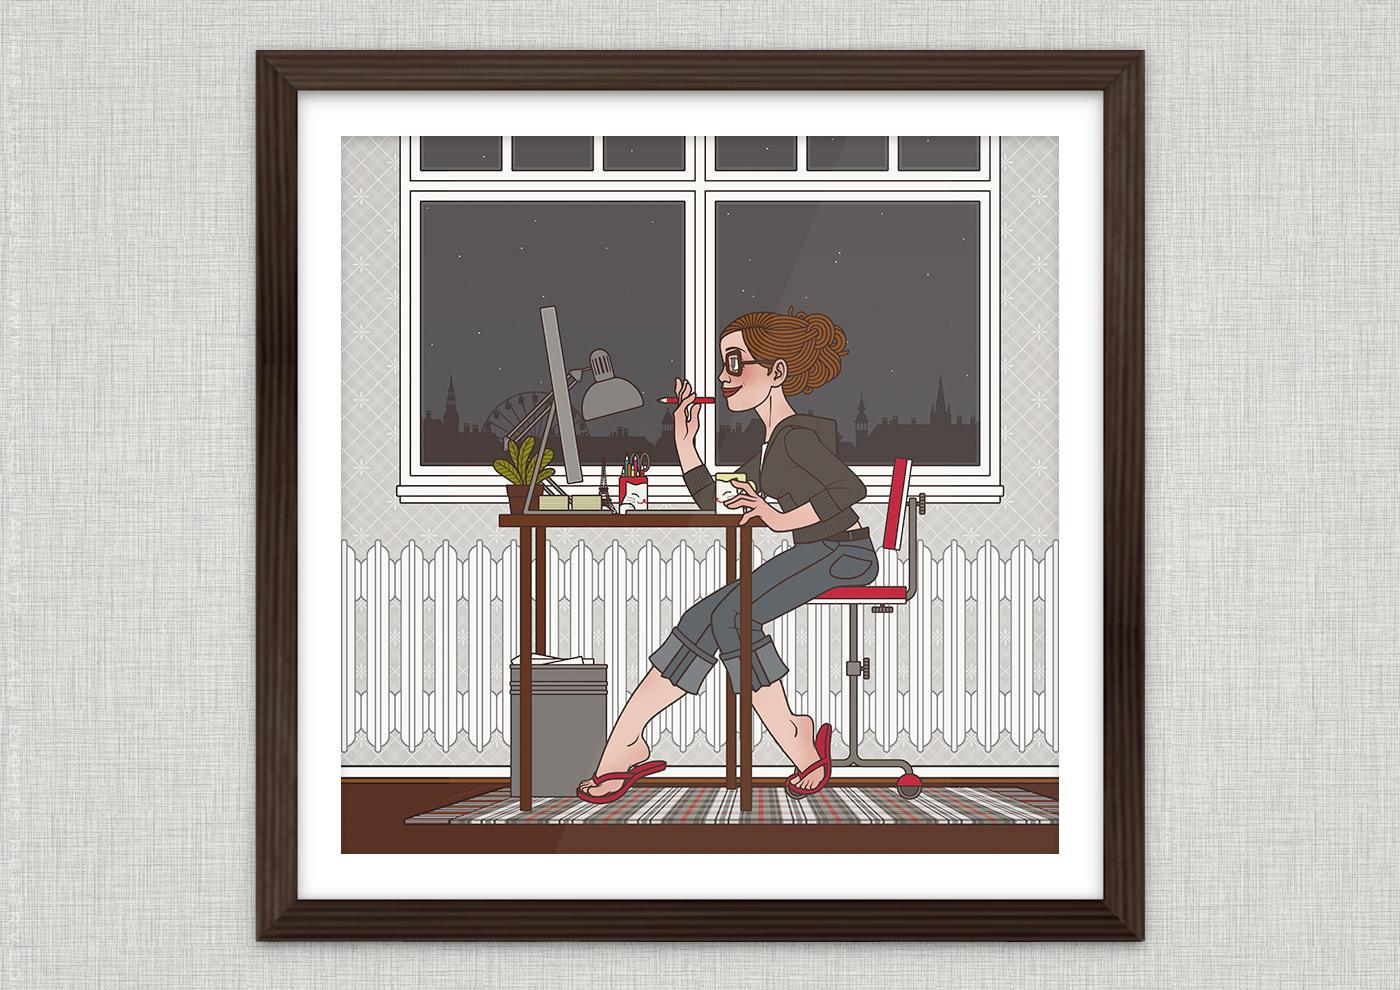 Poster zu Arbeitszeiten bei Tag und Nacht, die eine Frau fröhlich und traurig bei der Arbeit im Büro am Mac zeigen